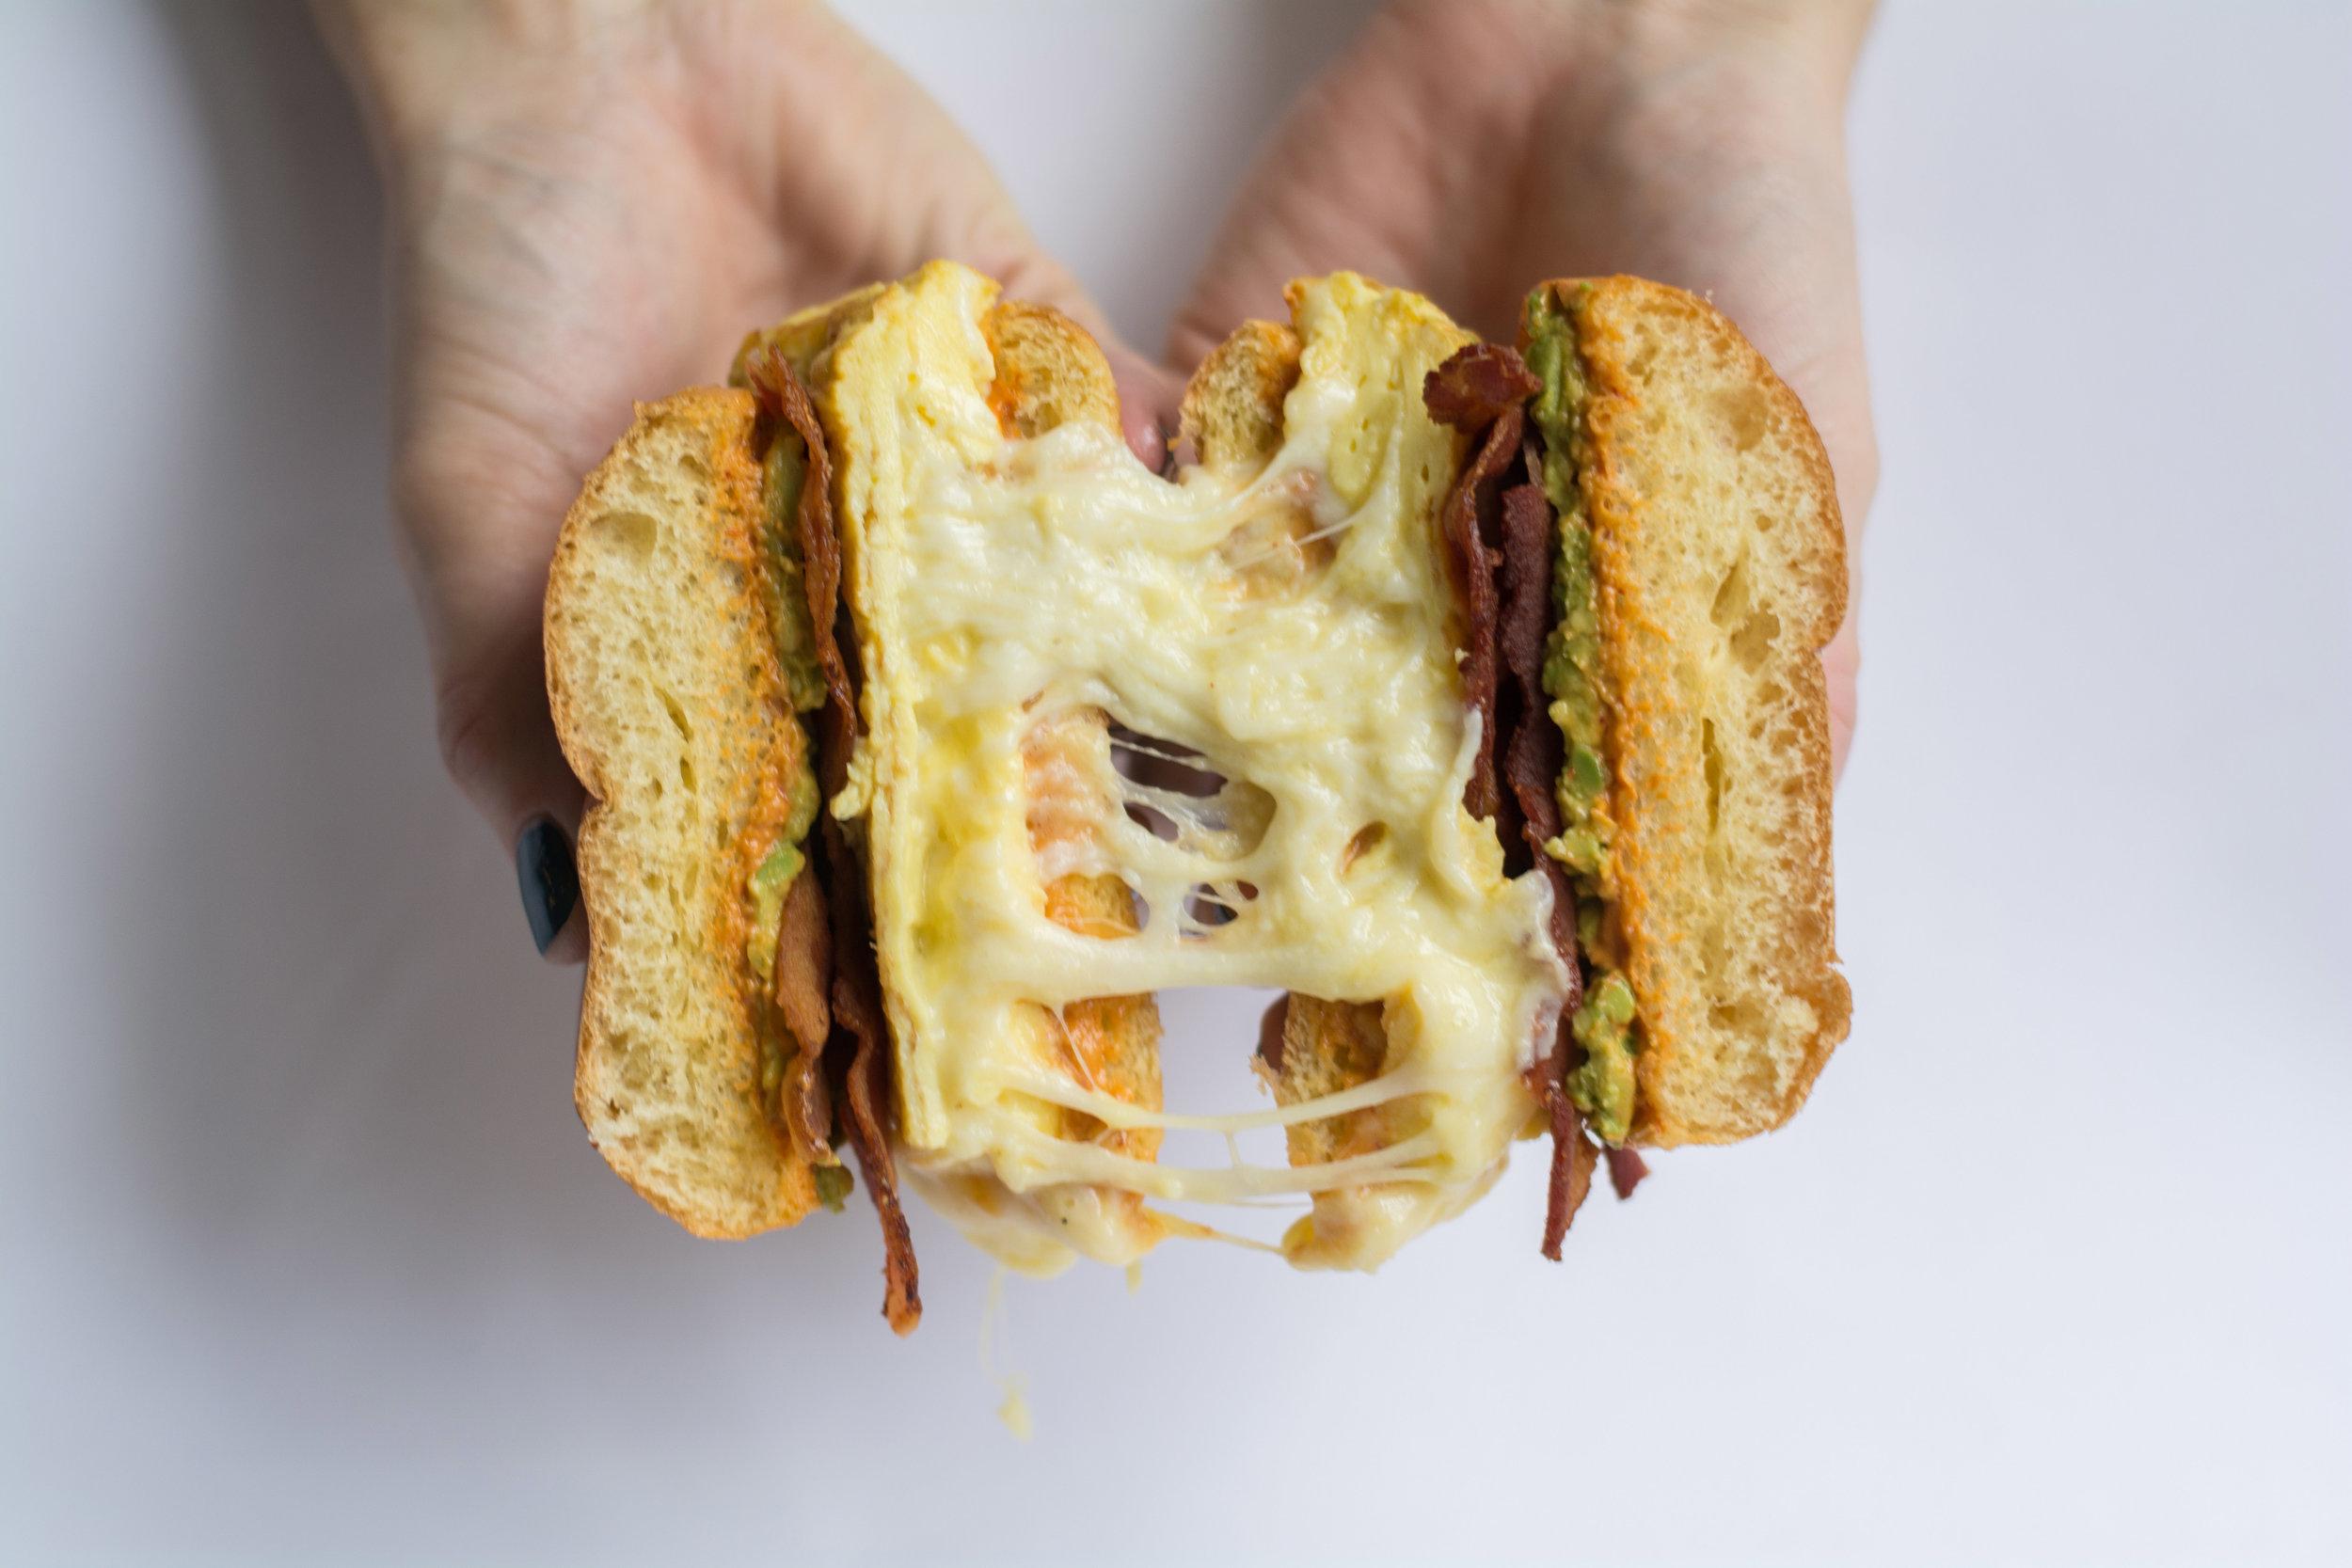 BAEsiC cheese pull